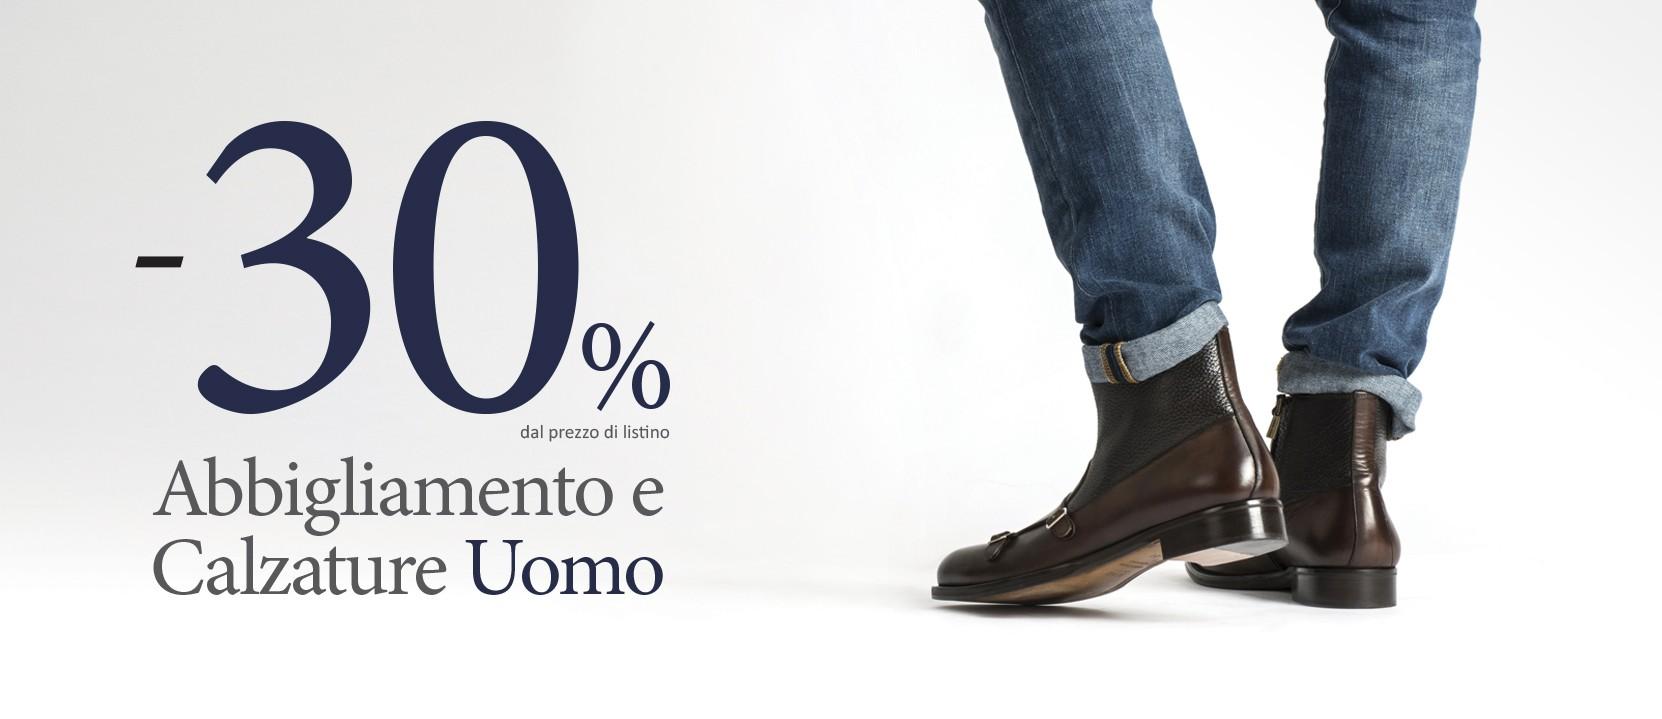 Sconto del -30% sulle calzature e sull'abbigliamento del reparto Uomo